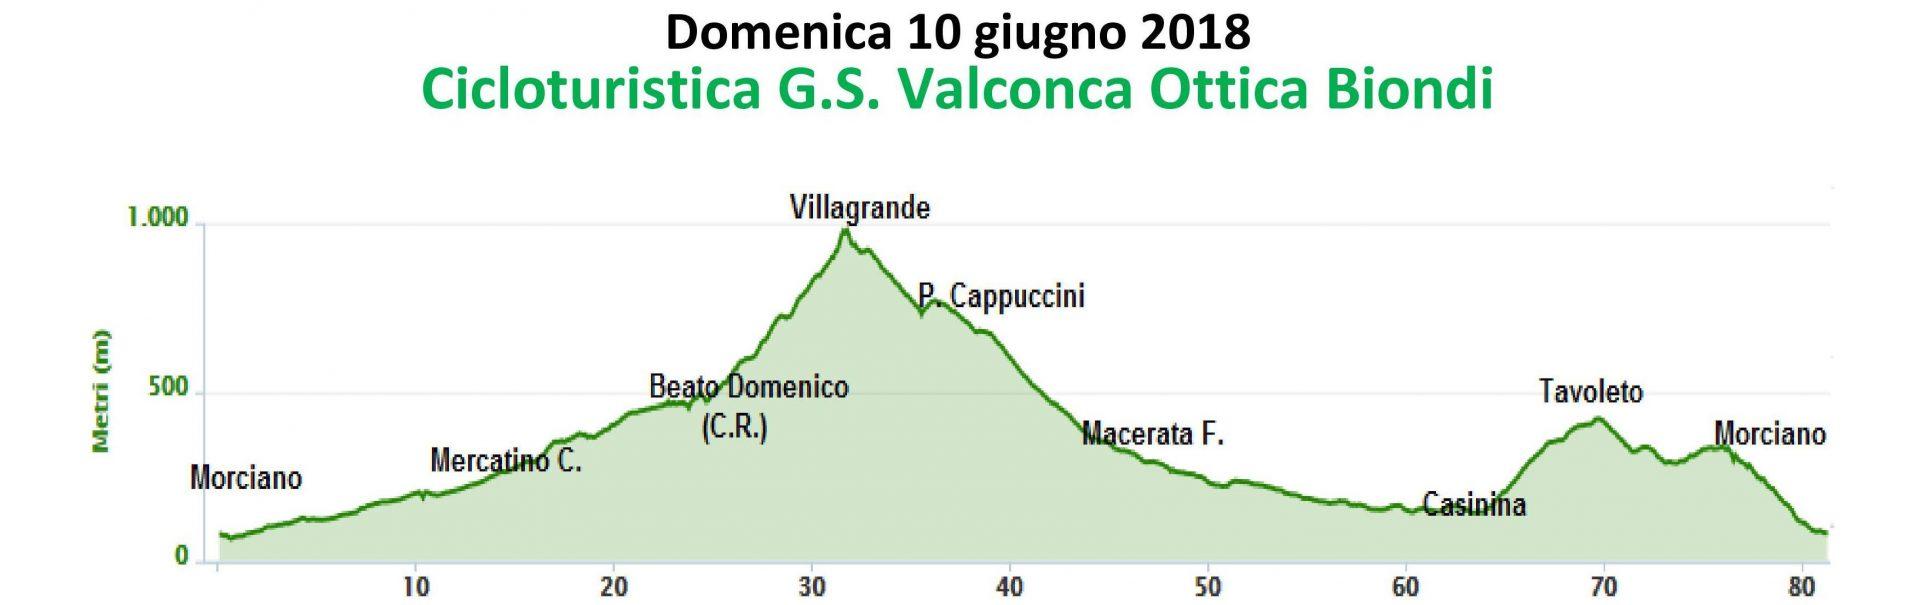 Domenica 10-giu-2018 Cicloturistica GS Valconca